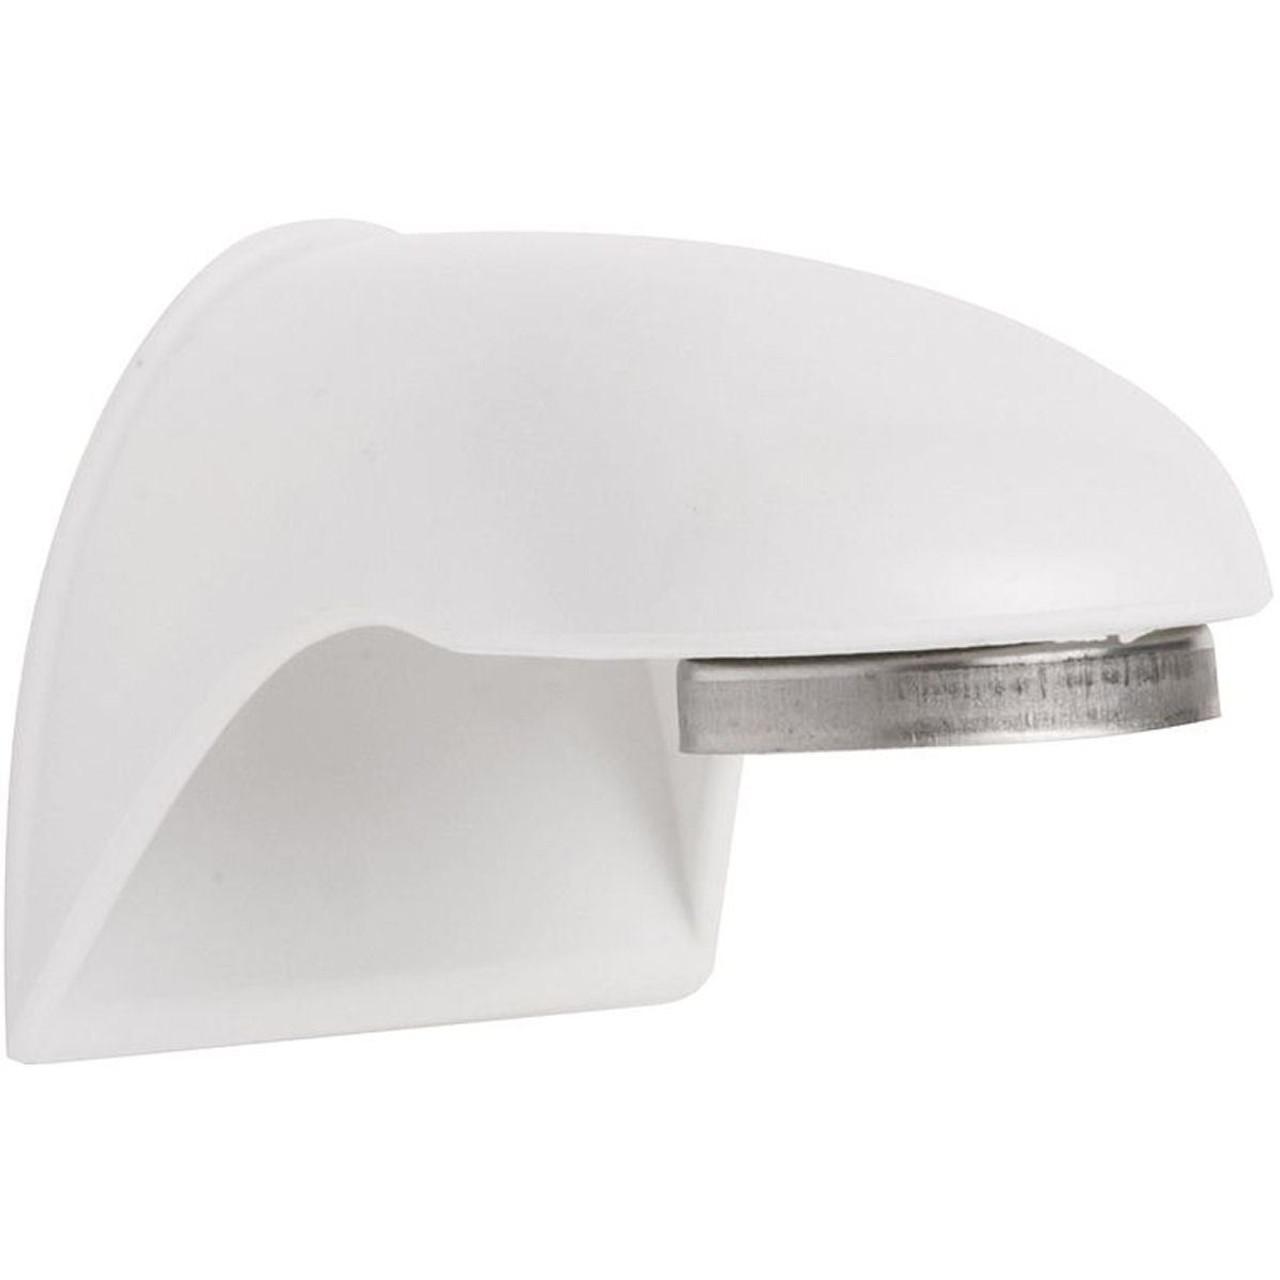 Croydex Magnetic Soap Holder